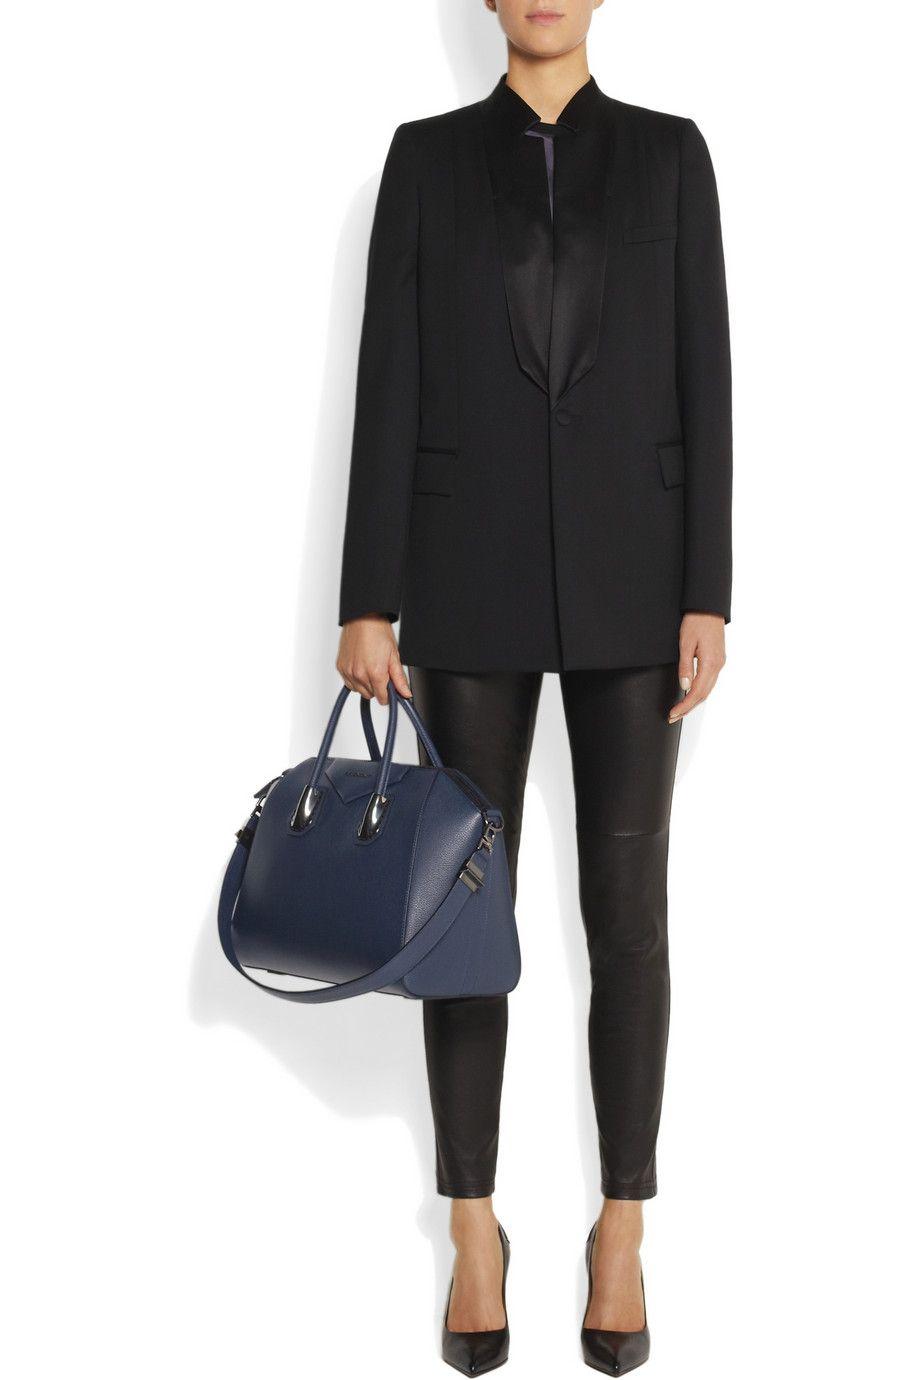 2c0f35e553 Givenchy | Medium Antigona bag in navy leather | NET-A-PORTER.COM ...